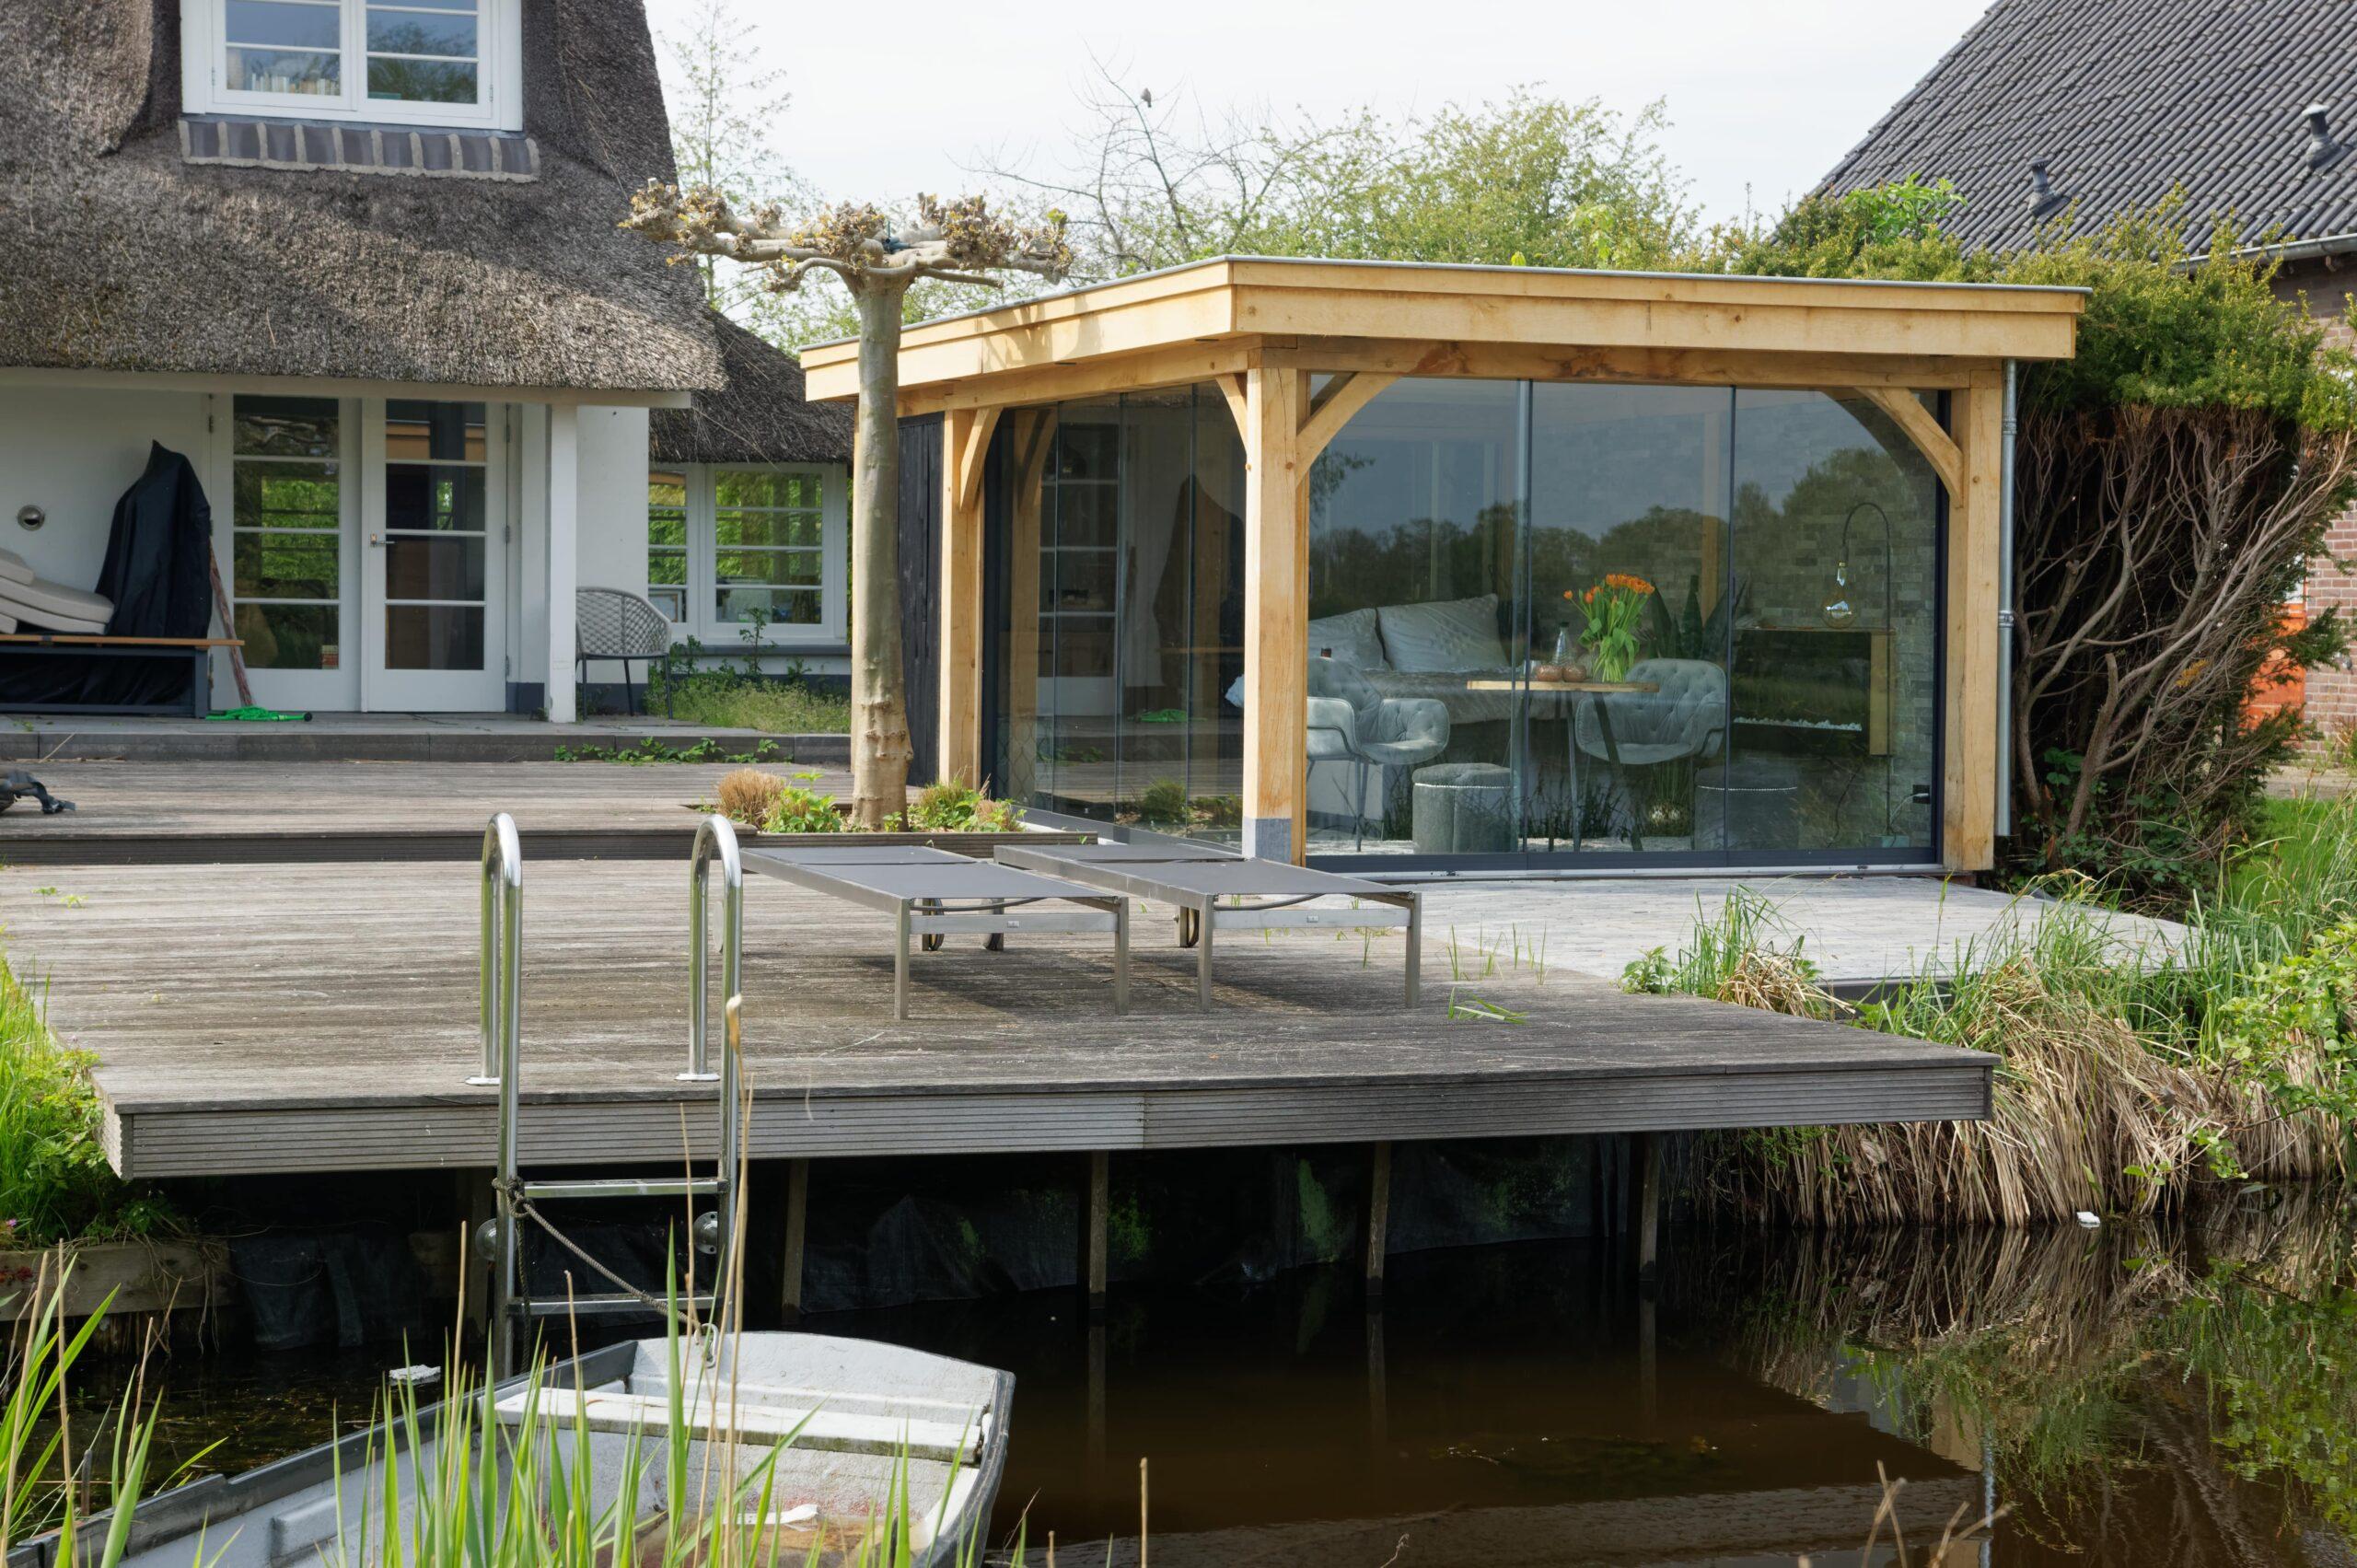 Luxe-tuinkamer-aan-het-water-3-scaled - Project Kortenhoef: Luxe tuinkamer aan het water